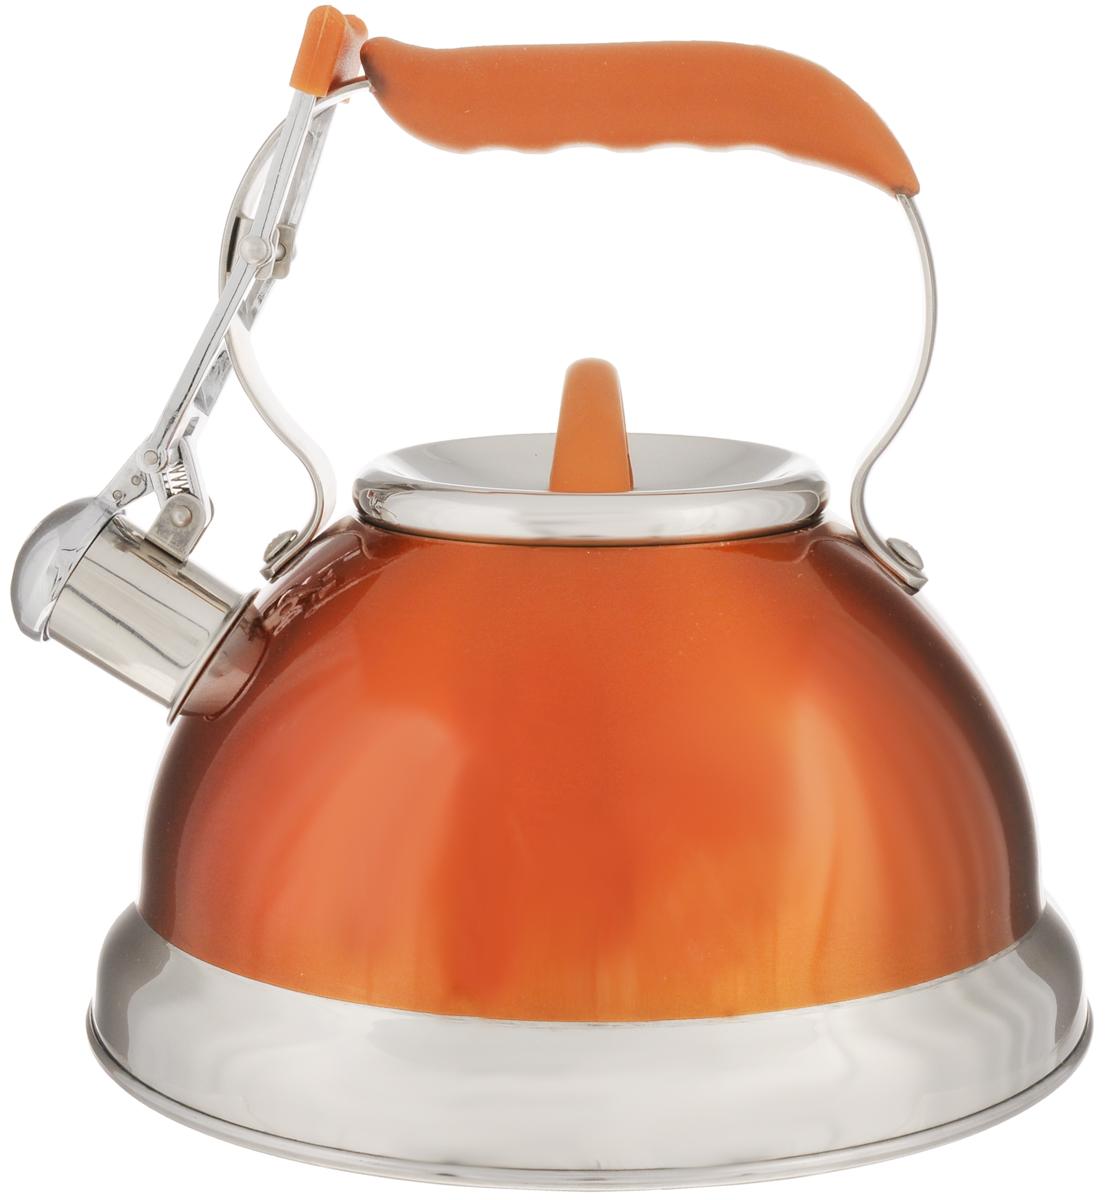 Чайник Calve, со свистком, цвет: оранжевый, 2,7 лCL-1461_оранжевыйЧайник Calve изготовлен из высококачественной нержавеющей стали 18/10, внешние стенки имеют цветное глянцевое покрытие. Нержавеющая сталь обладает высокой устойчивостью к коррозии, не вступает в реакцию с холодными и горячими продуктами и полностью сохраняет их вкусовые качества. Особая конструкция капсулированного дна способствует высокой теплопроводности и равномерному распределению тепла. Чайник оснащен удобной фиксированной ручкой с силиконовым покрытием. Носик чайника имеет откидной свисток с перфорацией в виде смайлика, звуковой сигнал которого подскажет, когда закипит вода. Свисток открывается с помощью рычага на ручке чайника. Чайник подходит для всех типов плит, включая индукционные. Можно мыть в посудомоечной машине. Диаметр чайника (по верхнему краю): 10 см. Высота чайника (без учета ручки и крышки): 11,5 см. Высота чайника (с учетом ручки): 22 см.